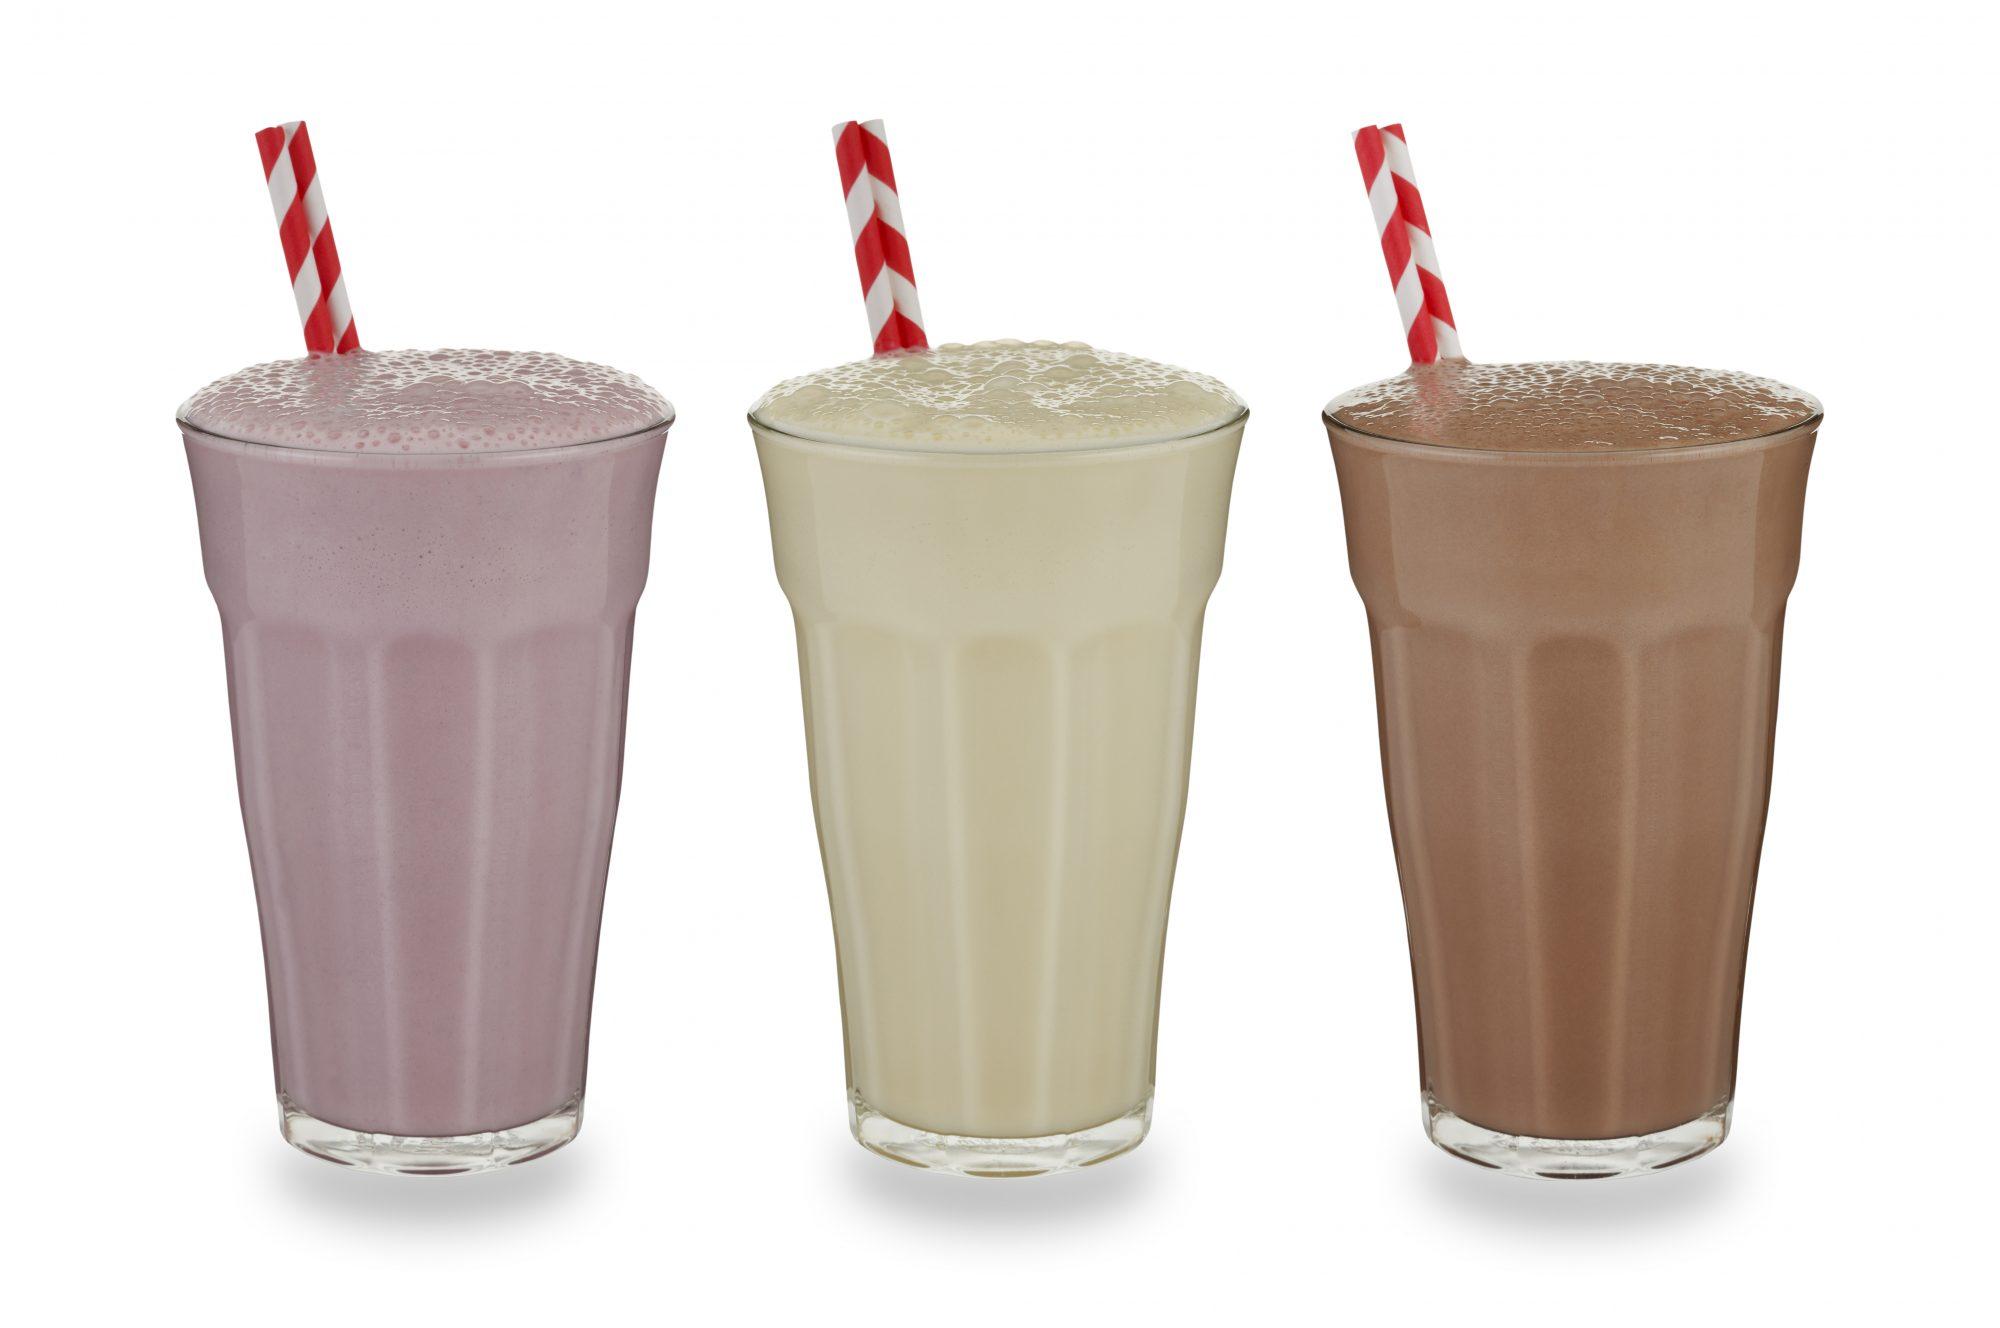 Malt vs. Milkshake: What's the Difference?